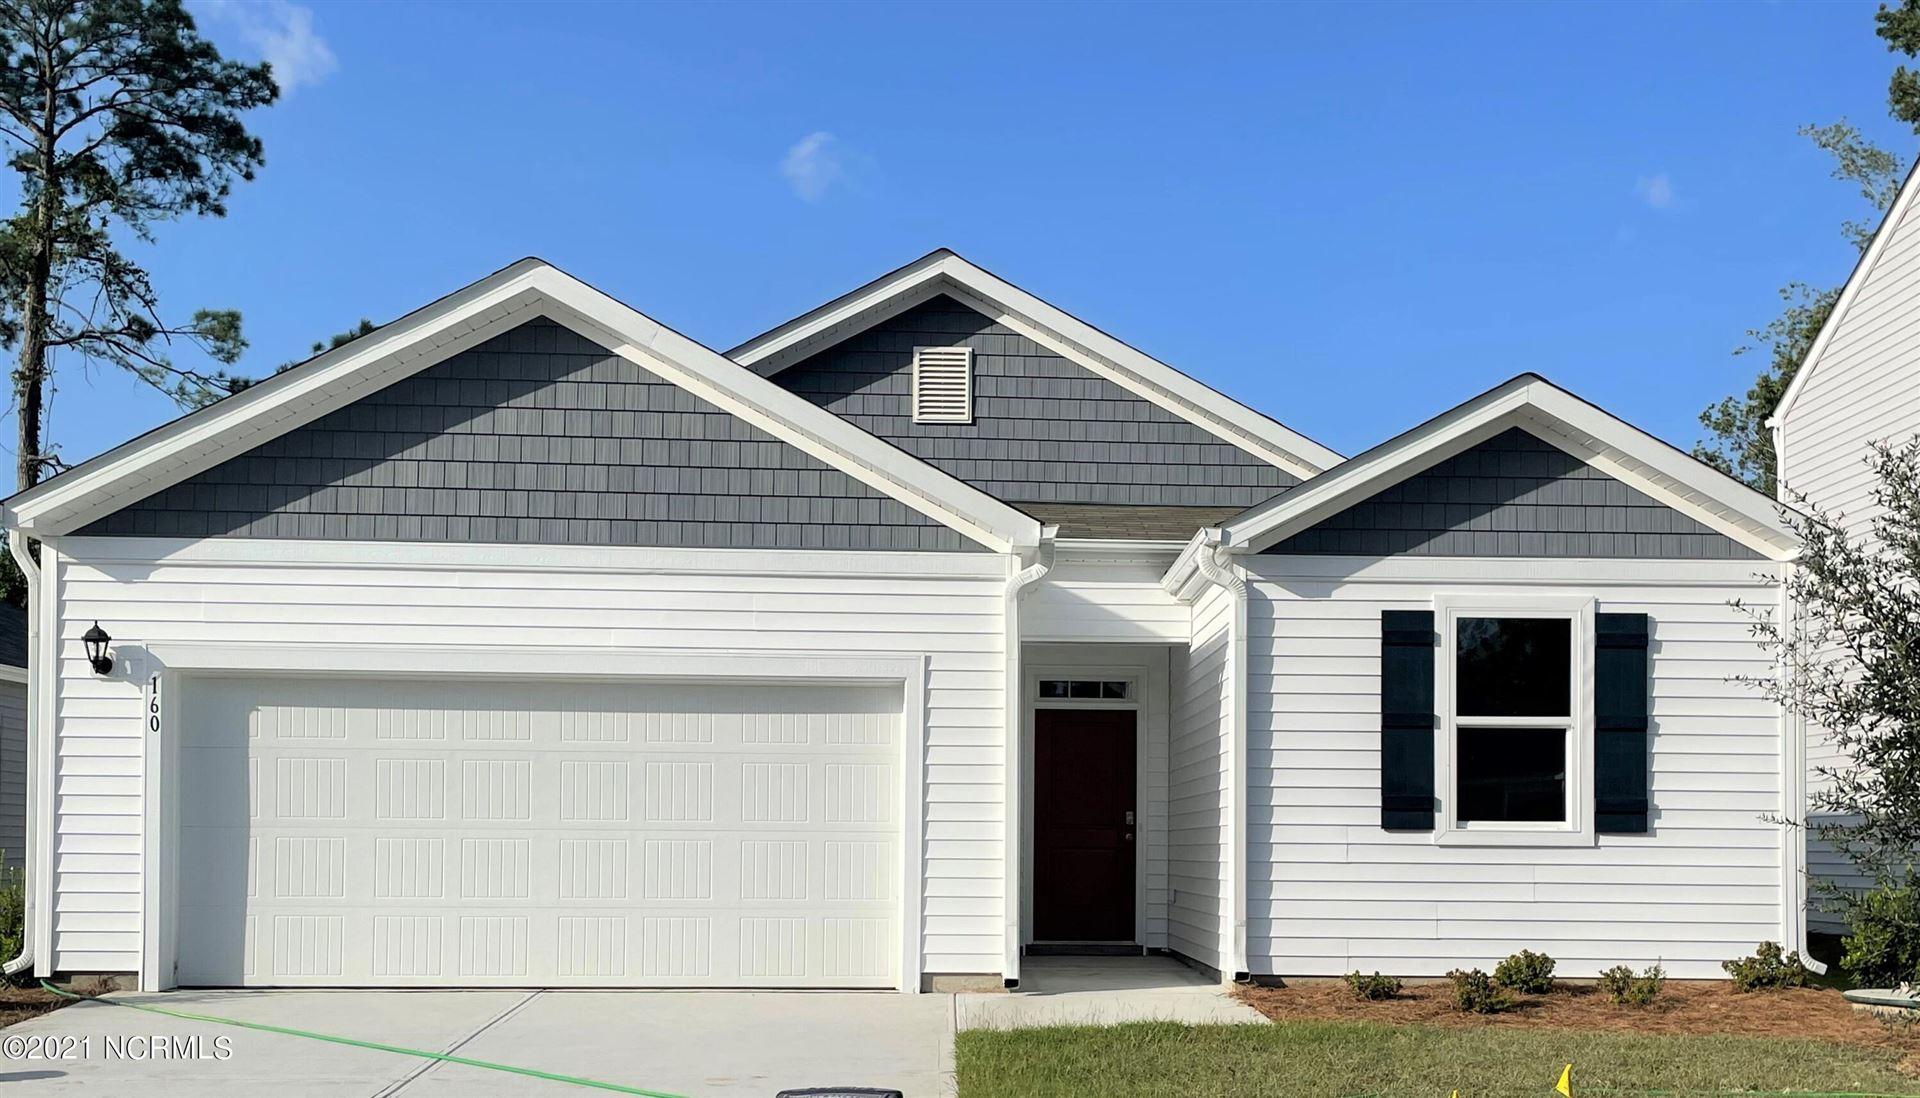 Photo of 160 Windy Woods Way #Lot 6, Wilmington, NC 28401 (MLS # 100259064)